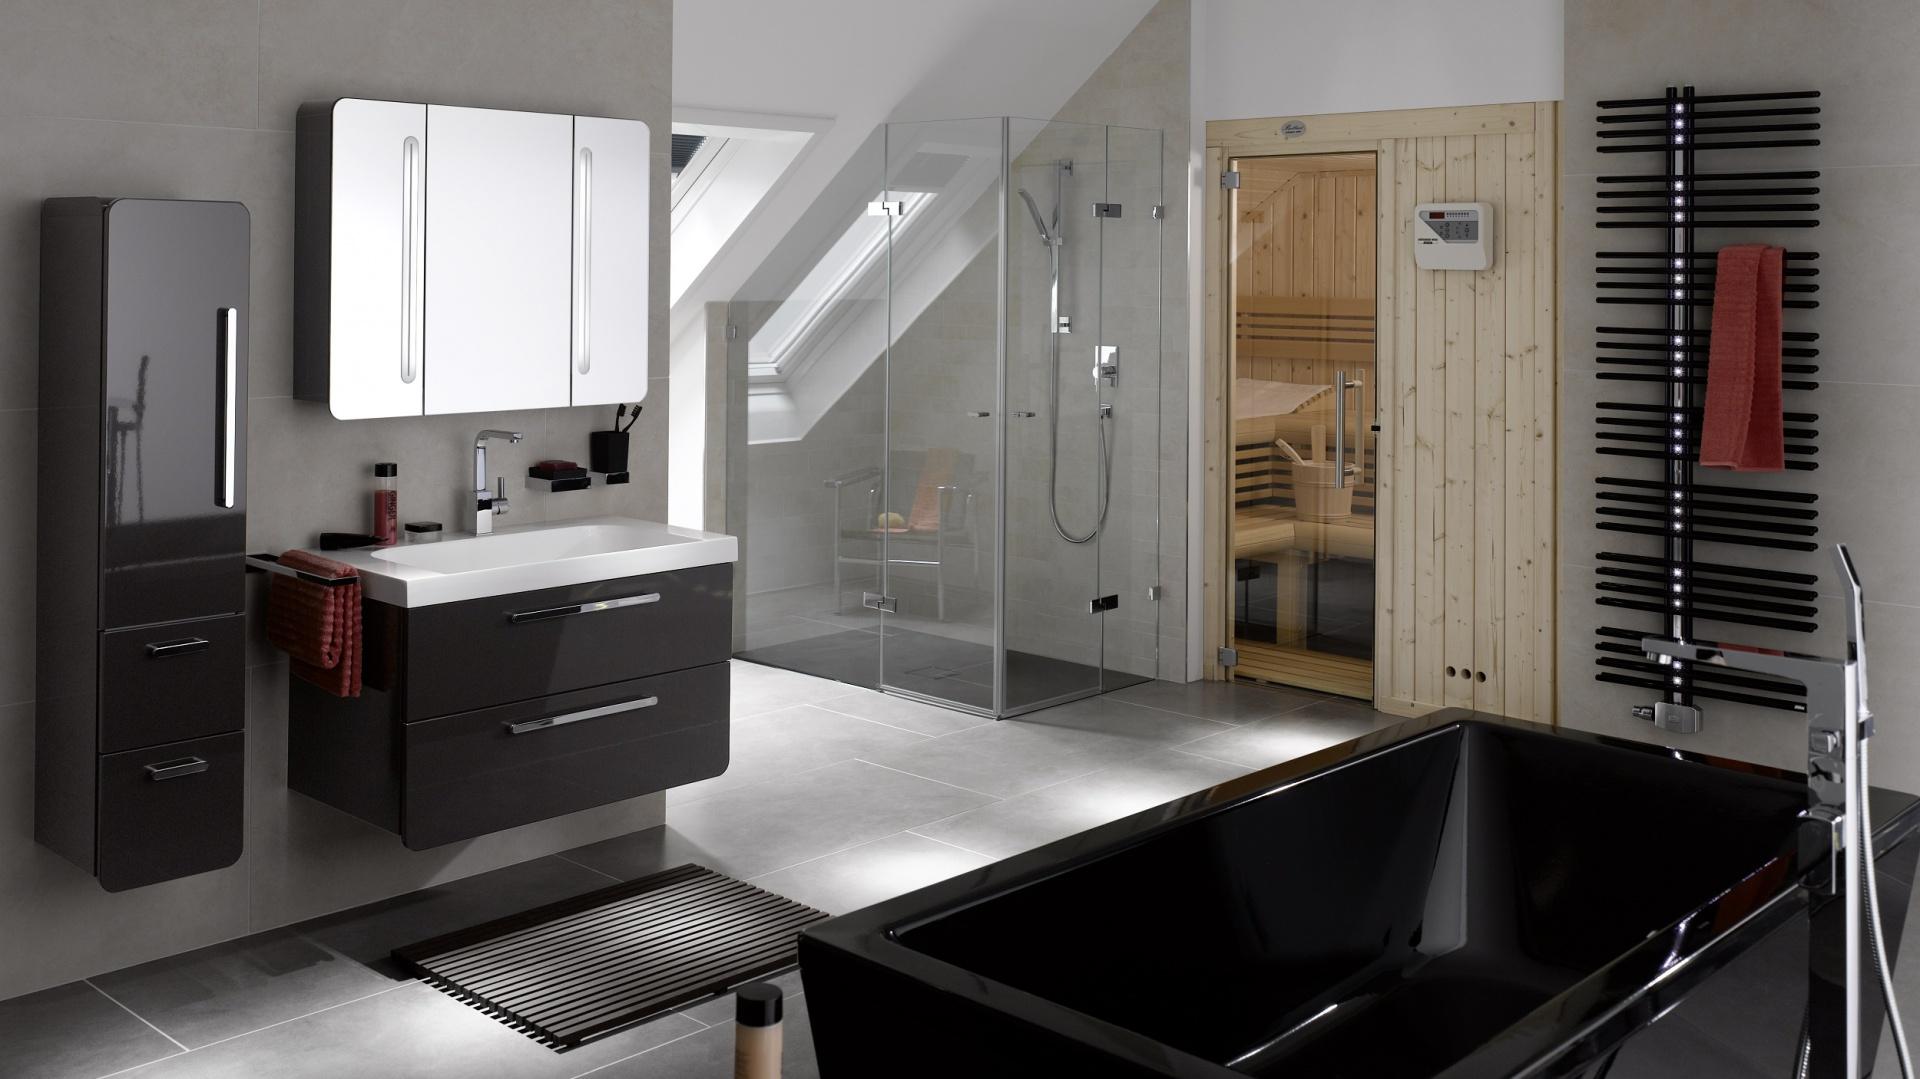 Kabina Na Wymiar 12 Pomysłów Do Nietypowej łazienki